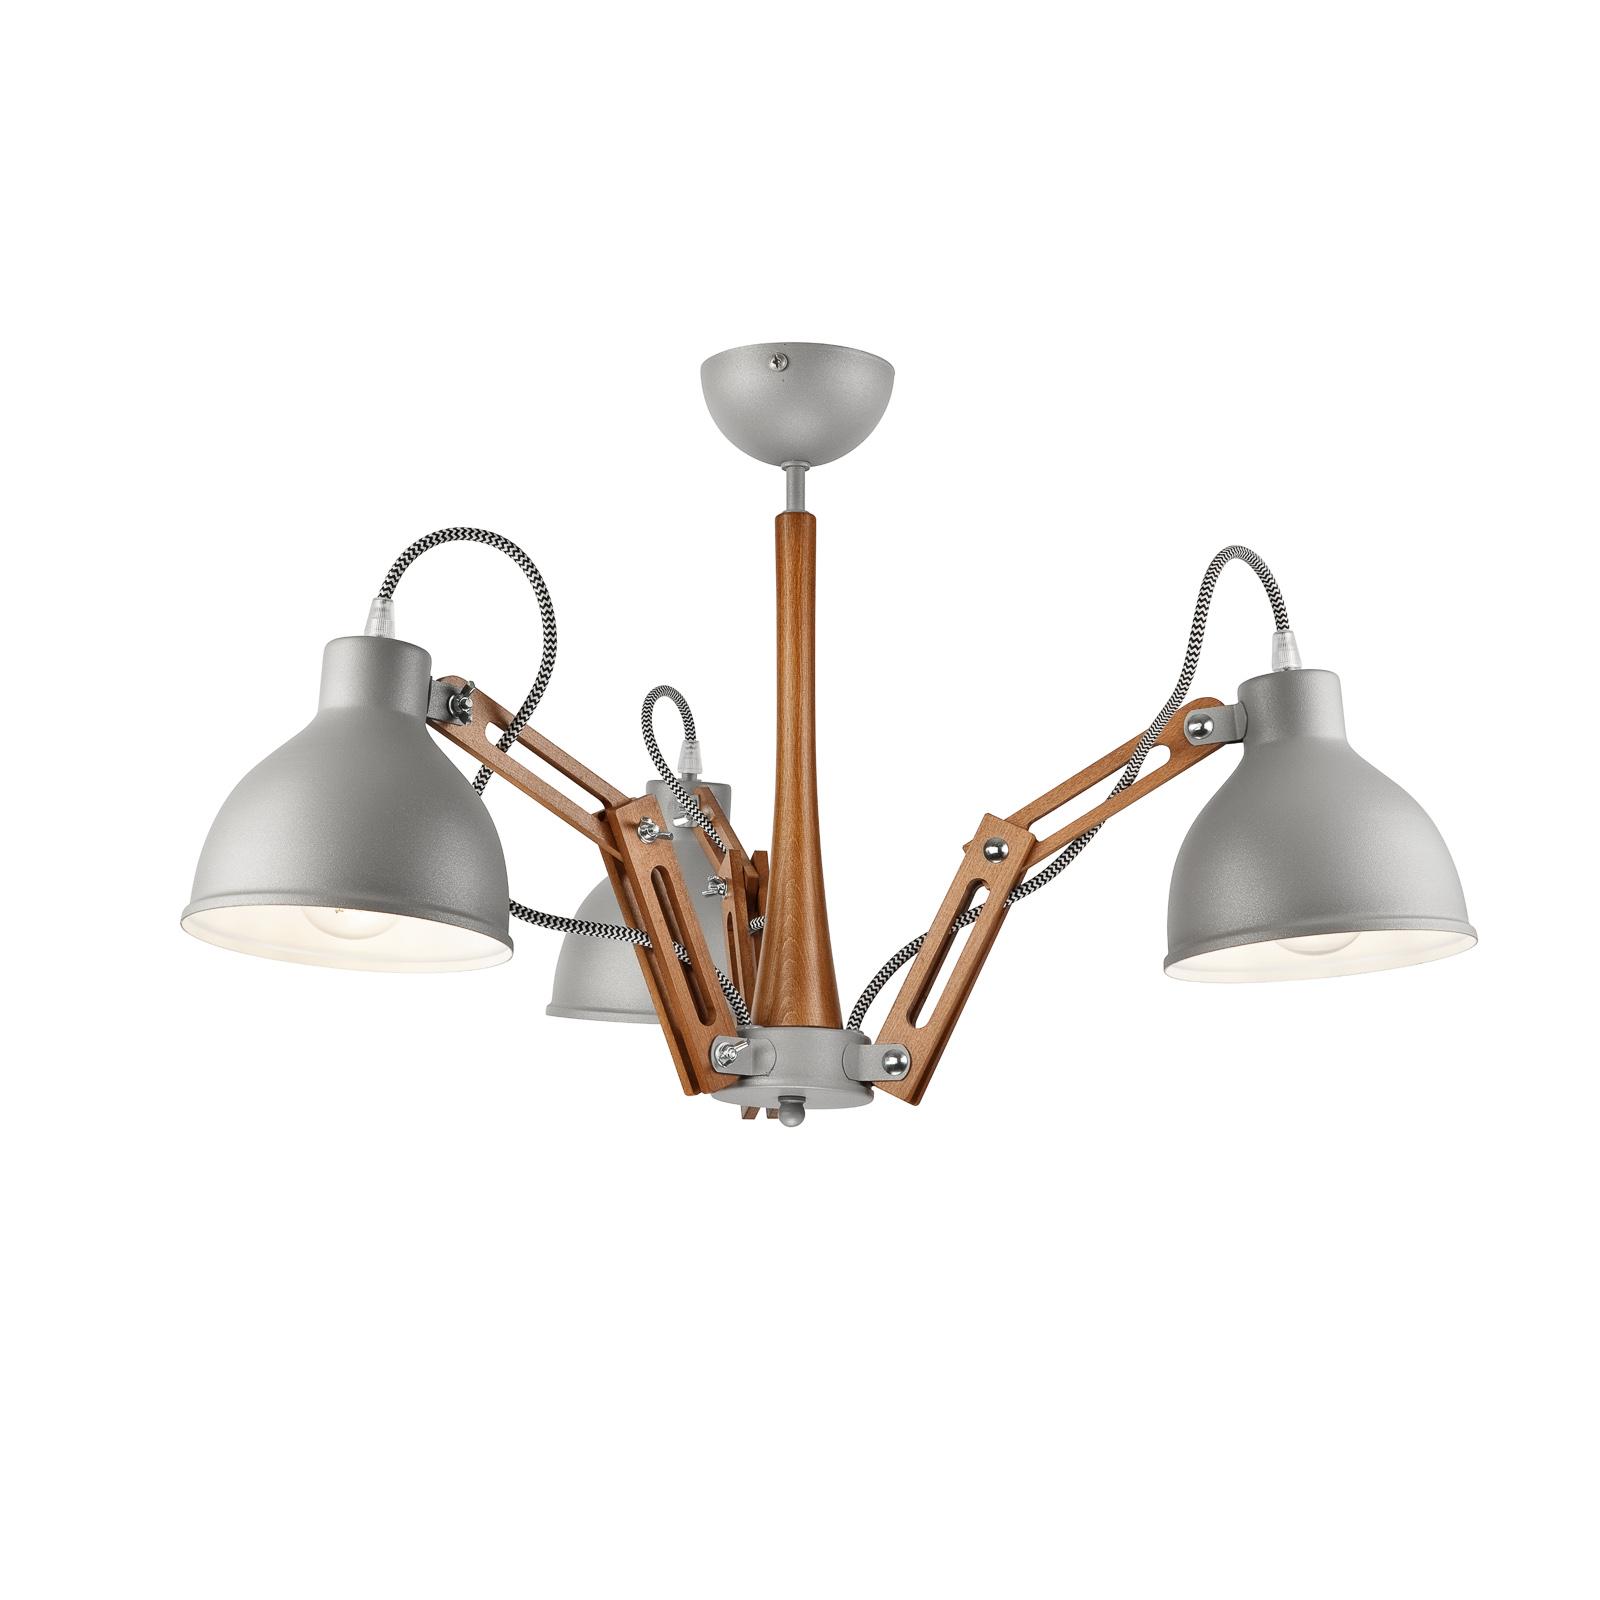 Kattovalaisin Skansen 3-lamppuinen, harmaa